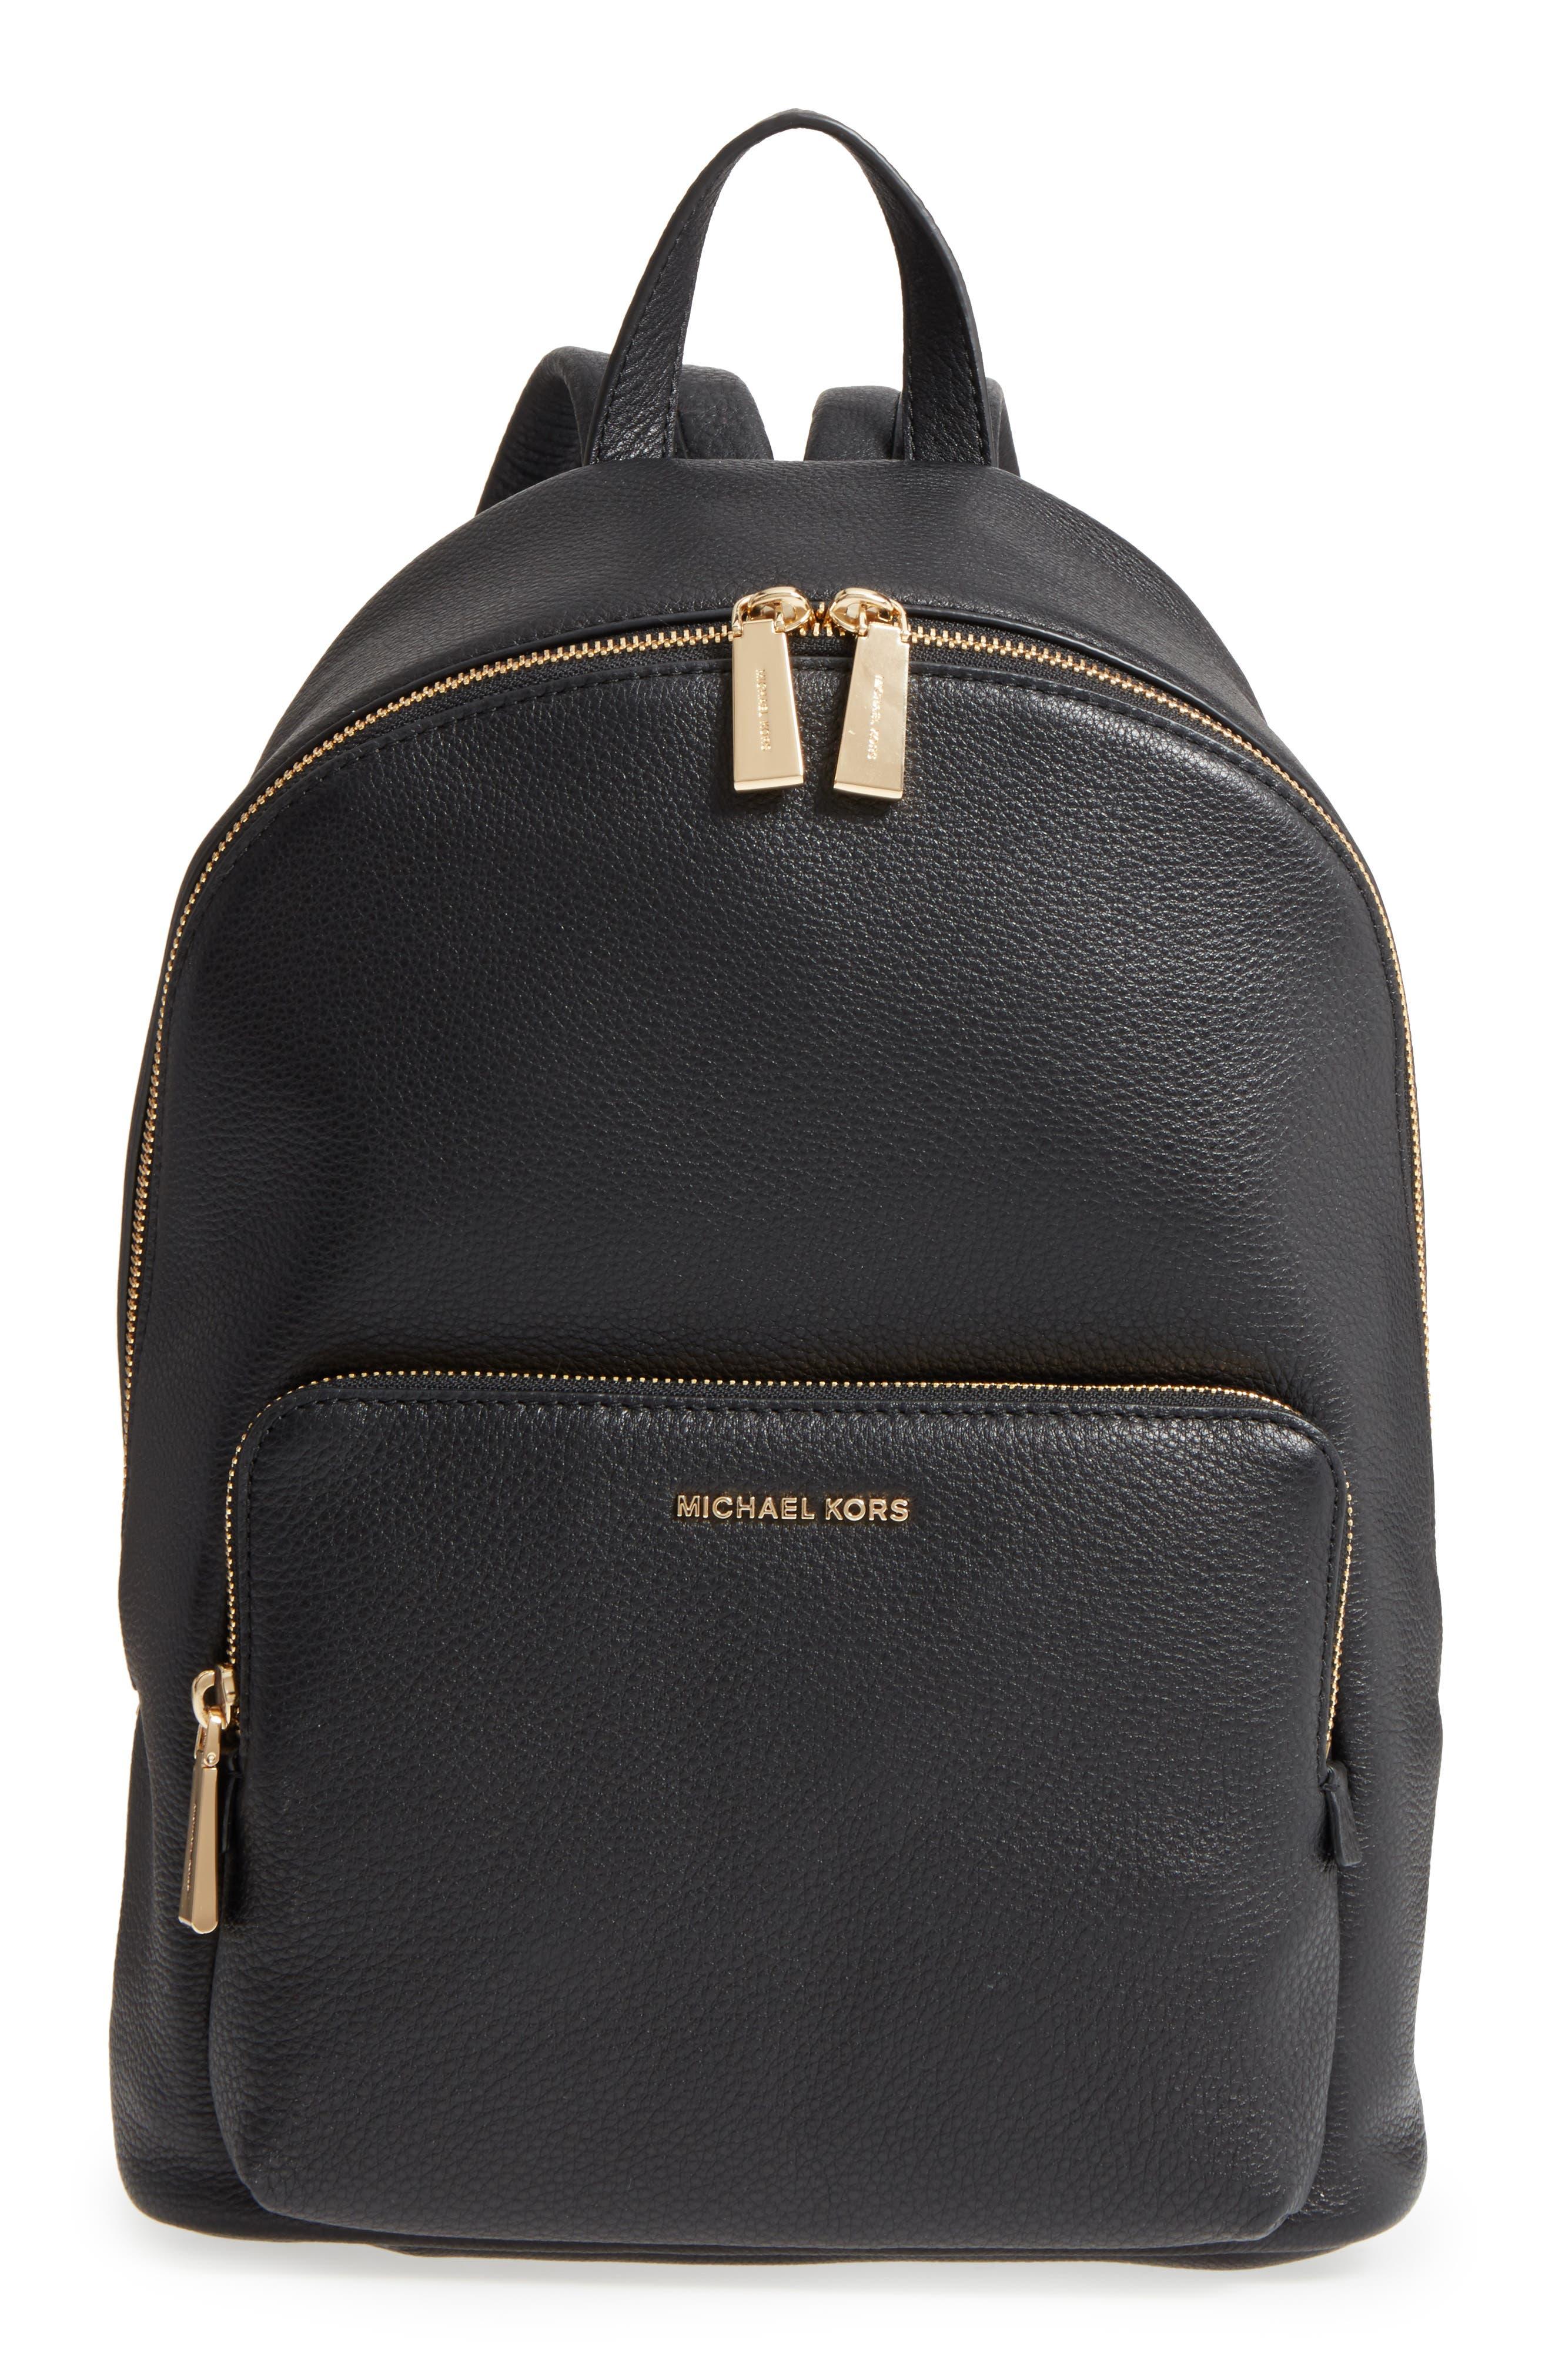 Mk Sling Bags Canada - Style Guru: Fashion, Glitz, Glamour ...